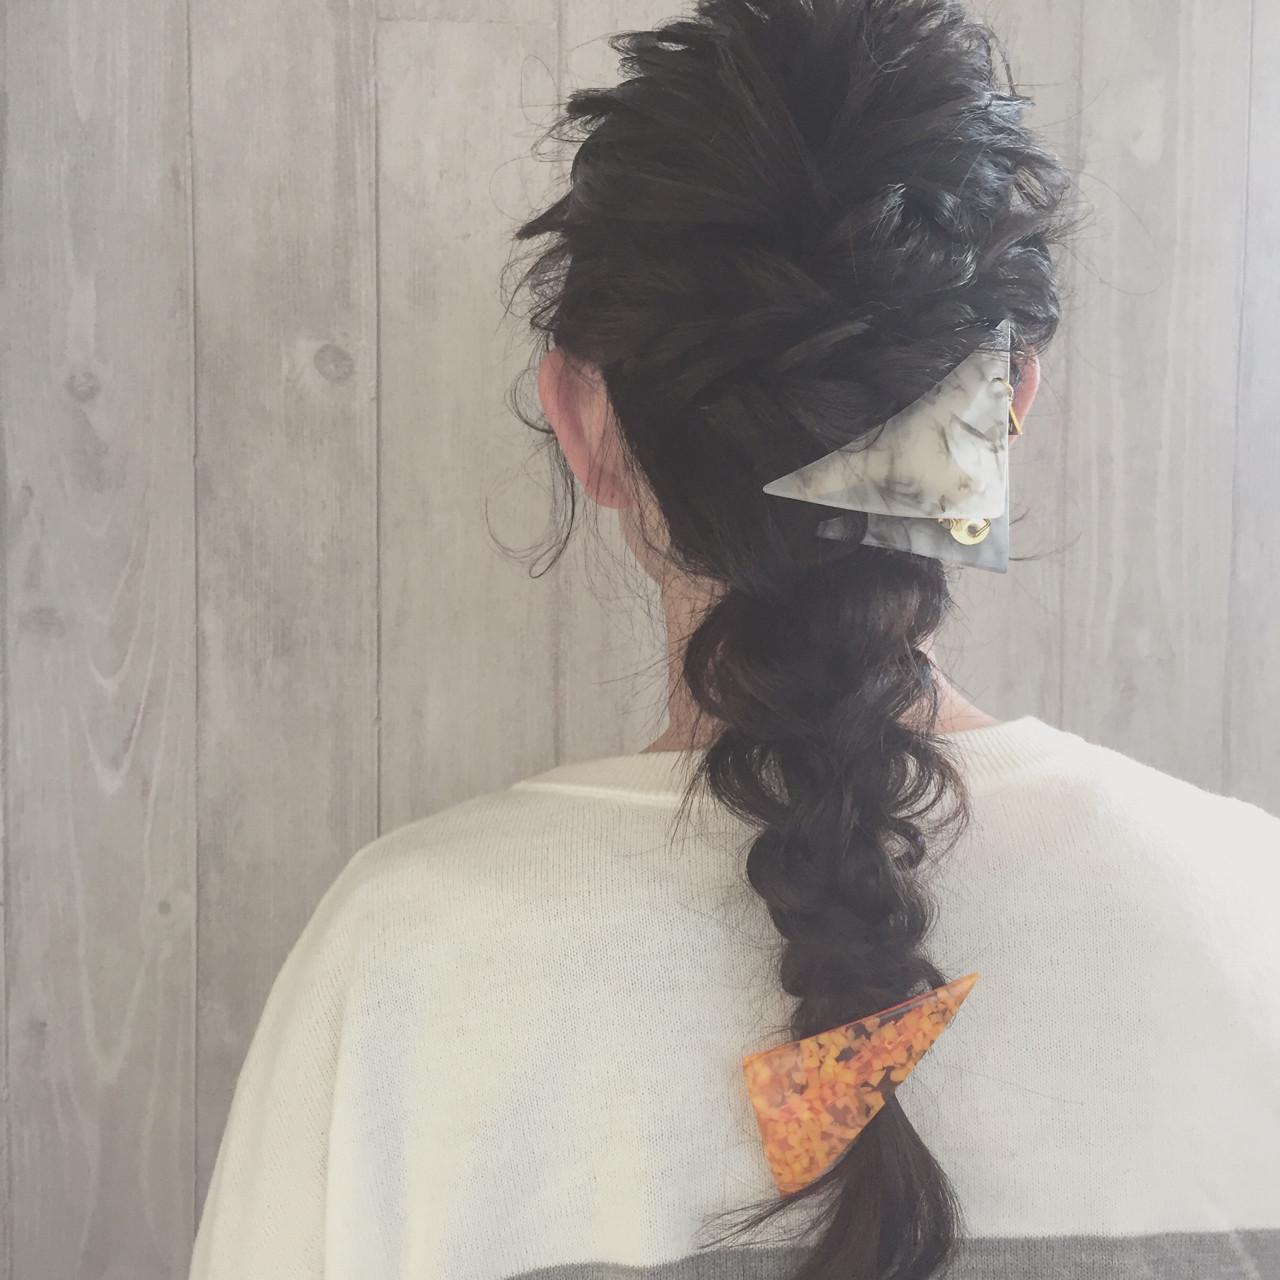 ヘアアクセのちょっとしたアレンジが個性的♪ 宮田 恵里香 | igloo